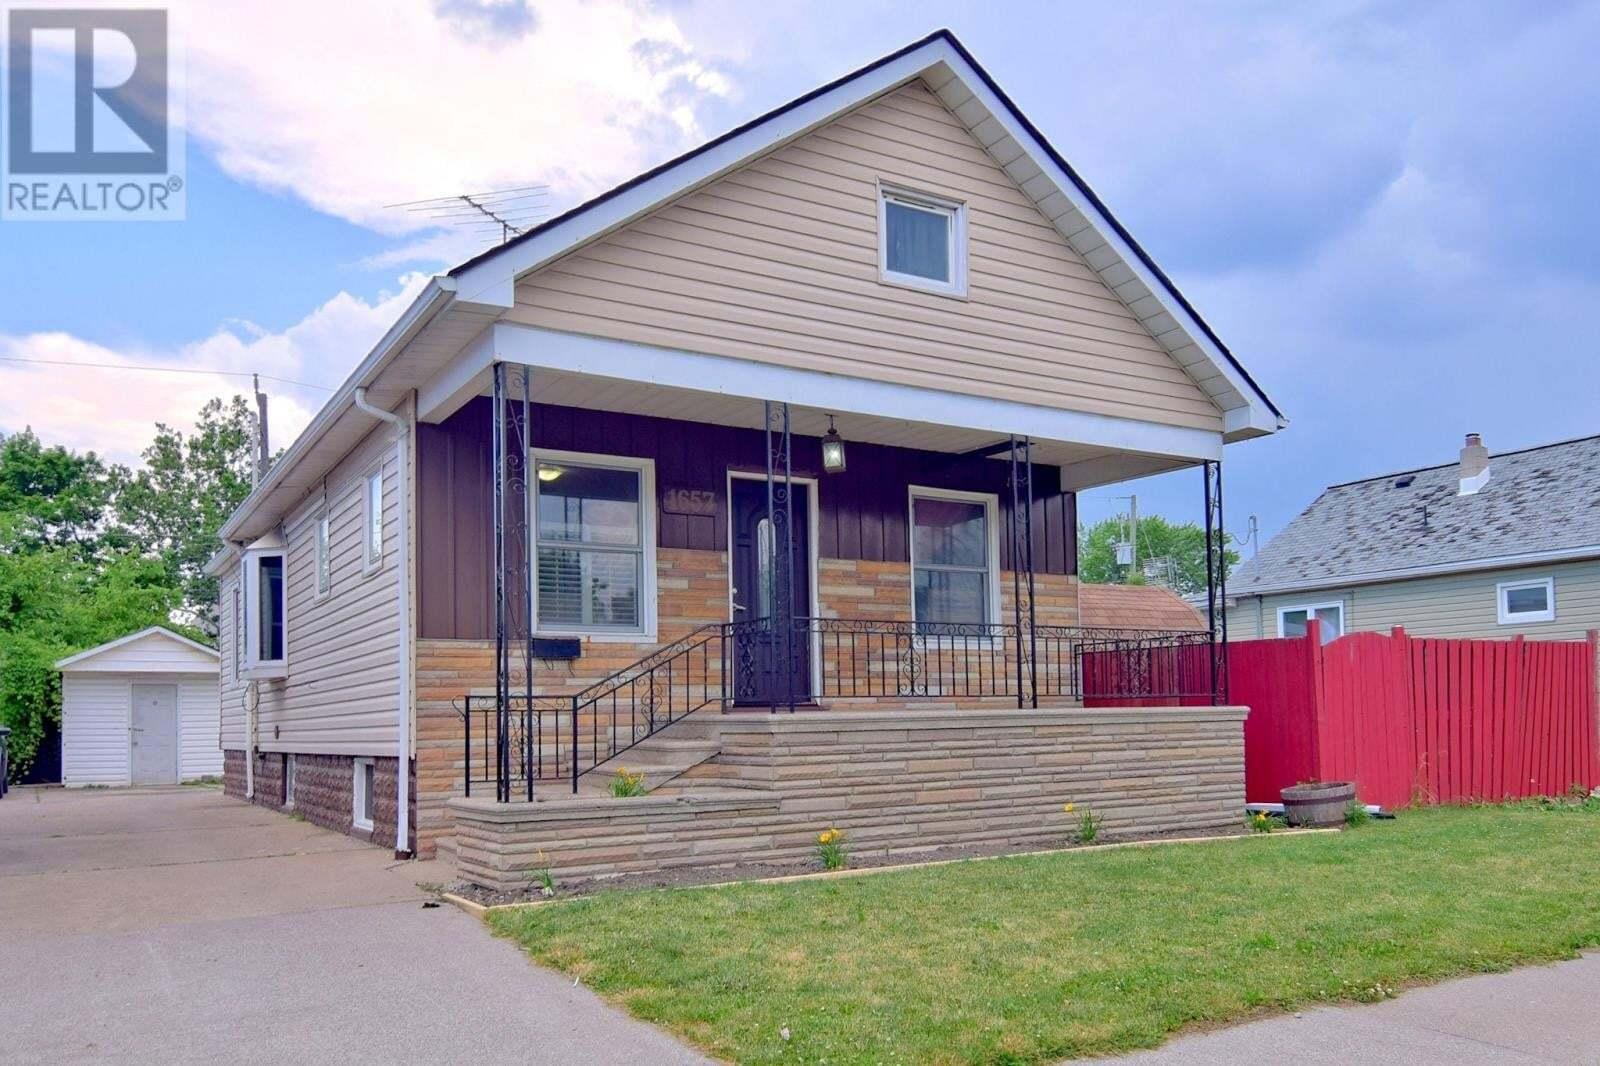 House for sale at 1657 St. Luke  Windsor Ontario - MLS: 20008251